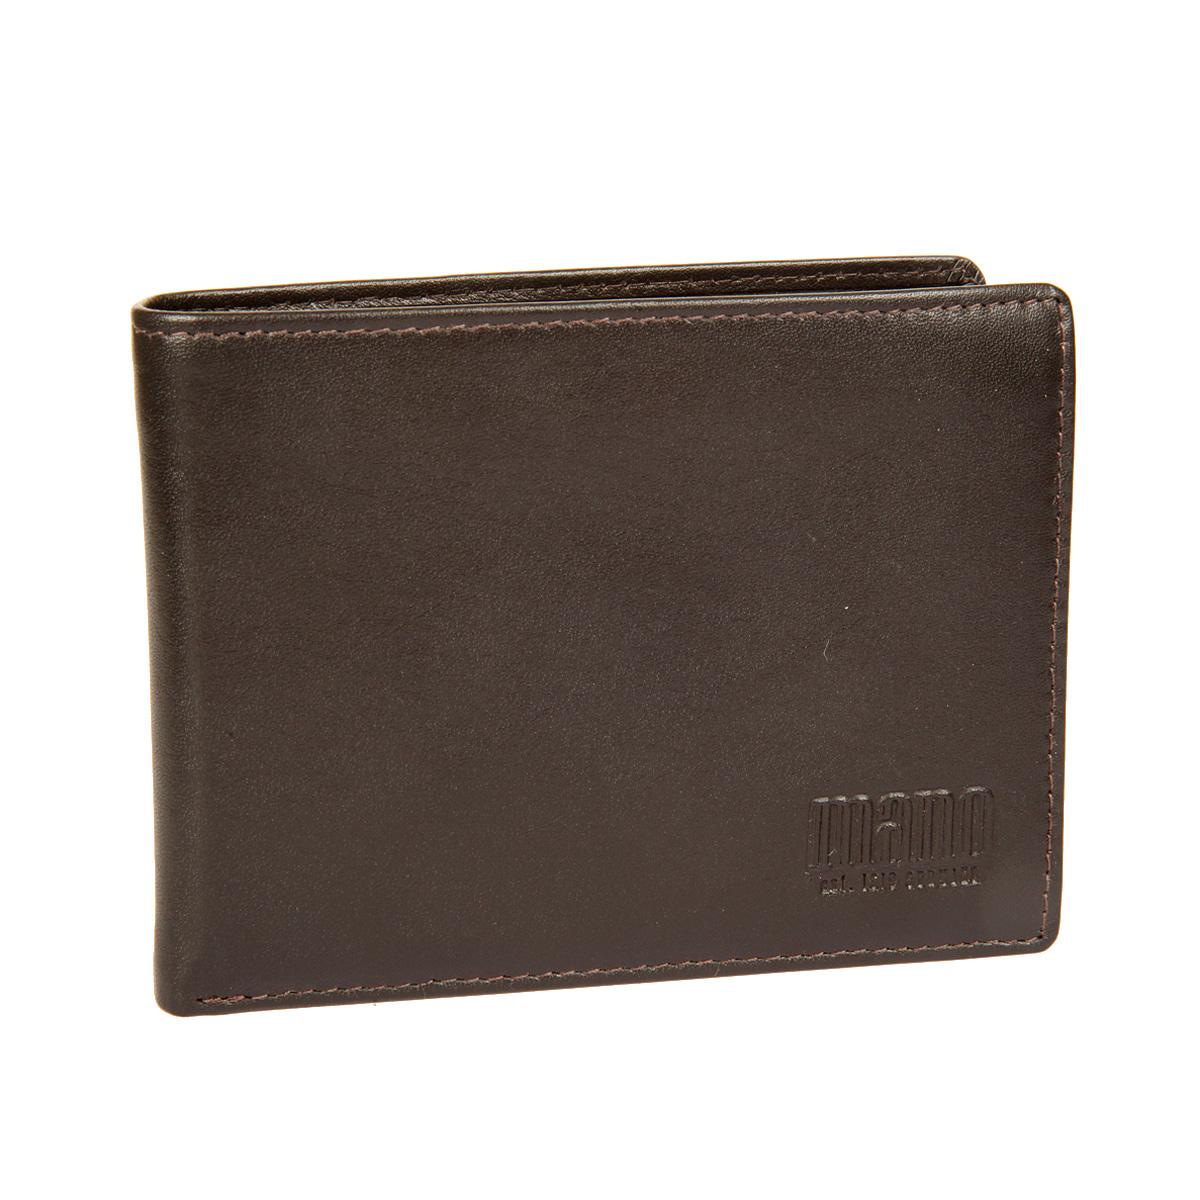 Портмоне мужское Mano, цвет: коричневый. 14660/214660/2 brownСтильное мужское портмоне Mano выполнено из натуральной кожи. Изделие оформлено тиснением с названием производителя. Изделие раскладывается пополам. Портмоне содержит два отделения для купюр, восемь кармашков для визиток и пластиковых карт, карман для мелочи на кнопке, три боковых кармана для документов и сетчатый карман. Портмоне упаковано в фирменную картонную коробку. Такое портмоне станет отличным подарком для человека, ценящего качественные и стильные вещи.